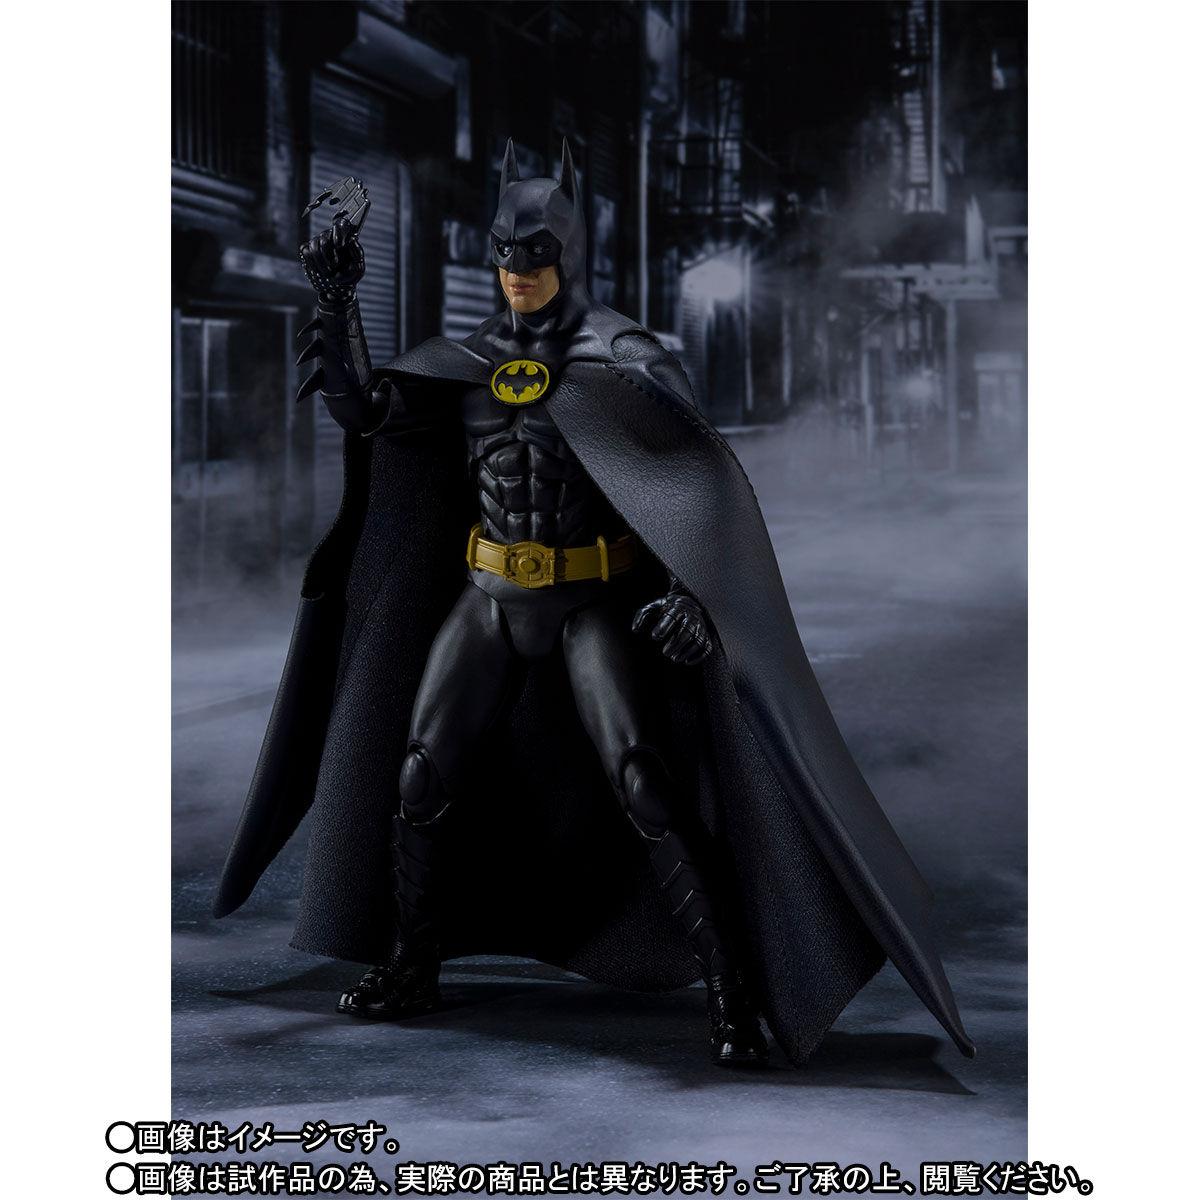 【限定販売】S.H.Figuarts『バットマン(BATMAN 1989)』可動フィギュア-004